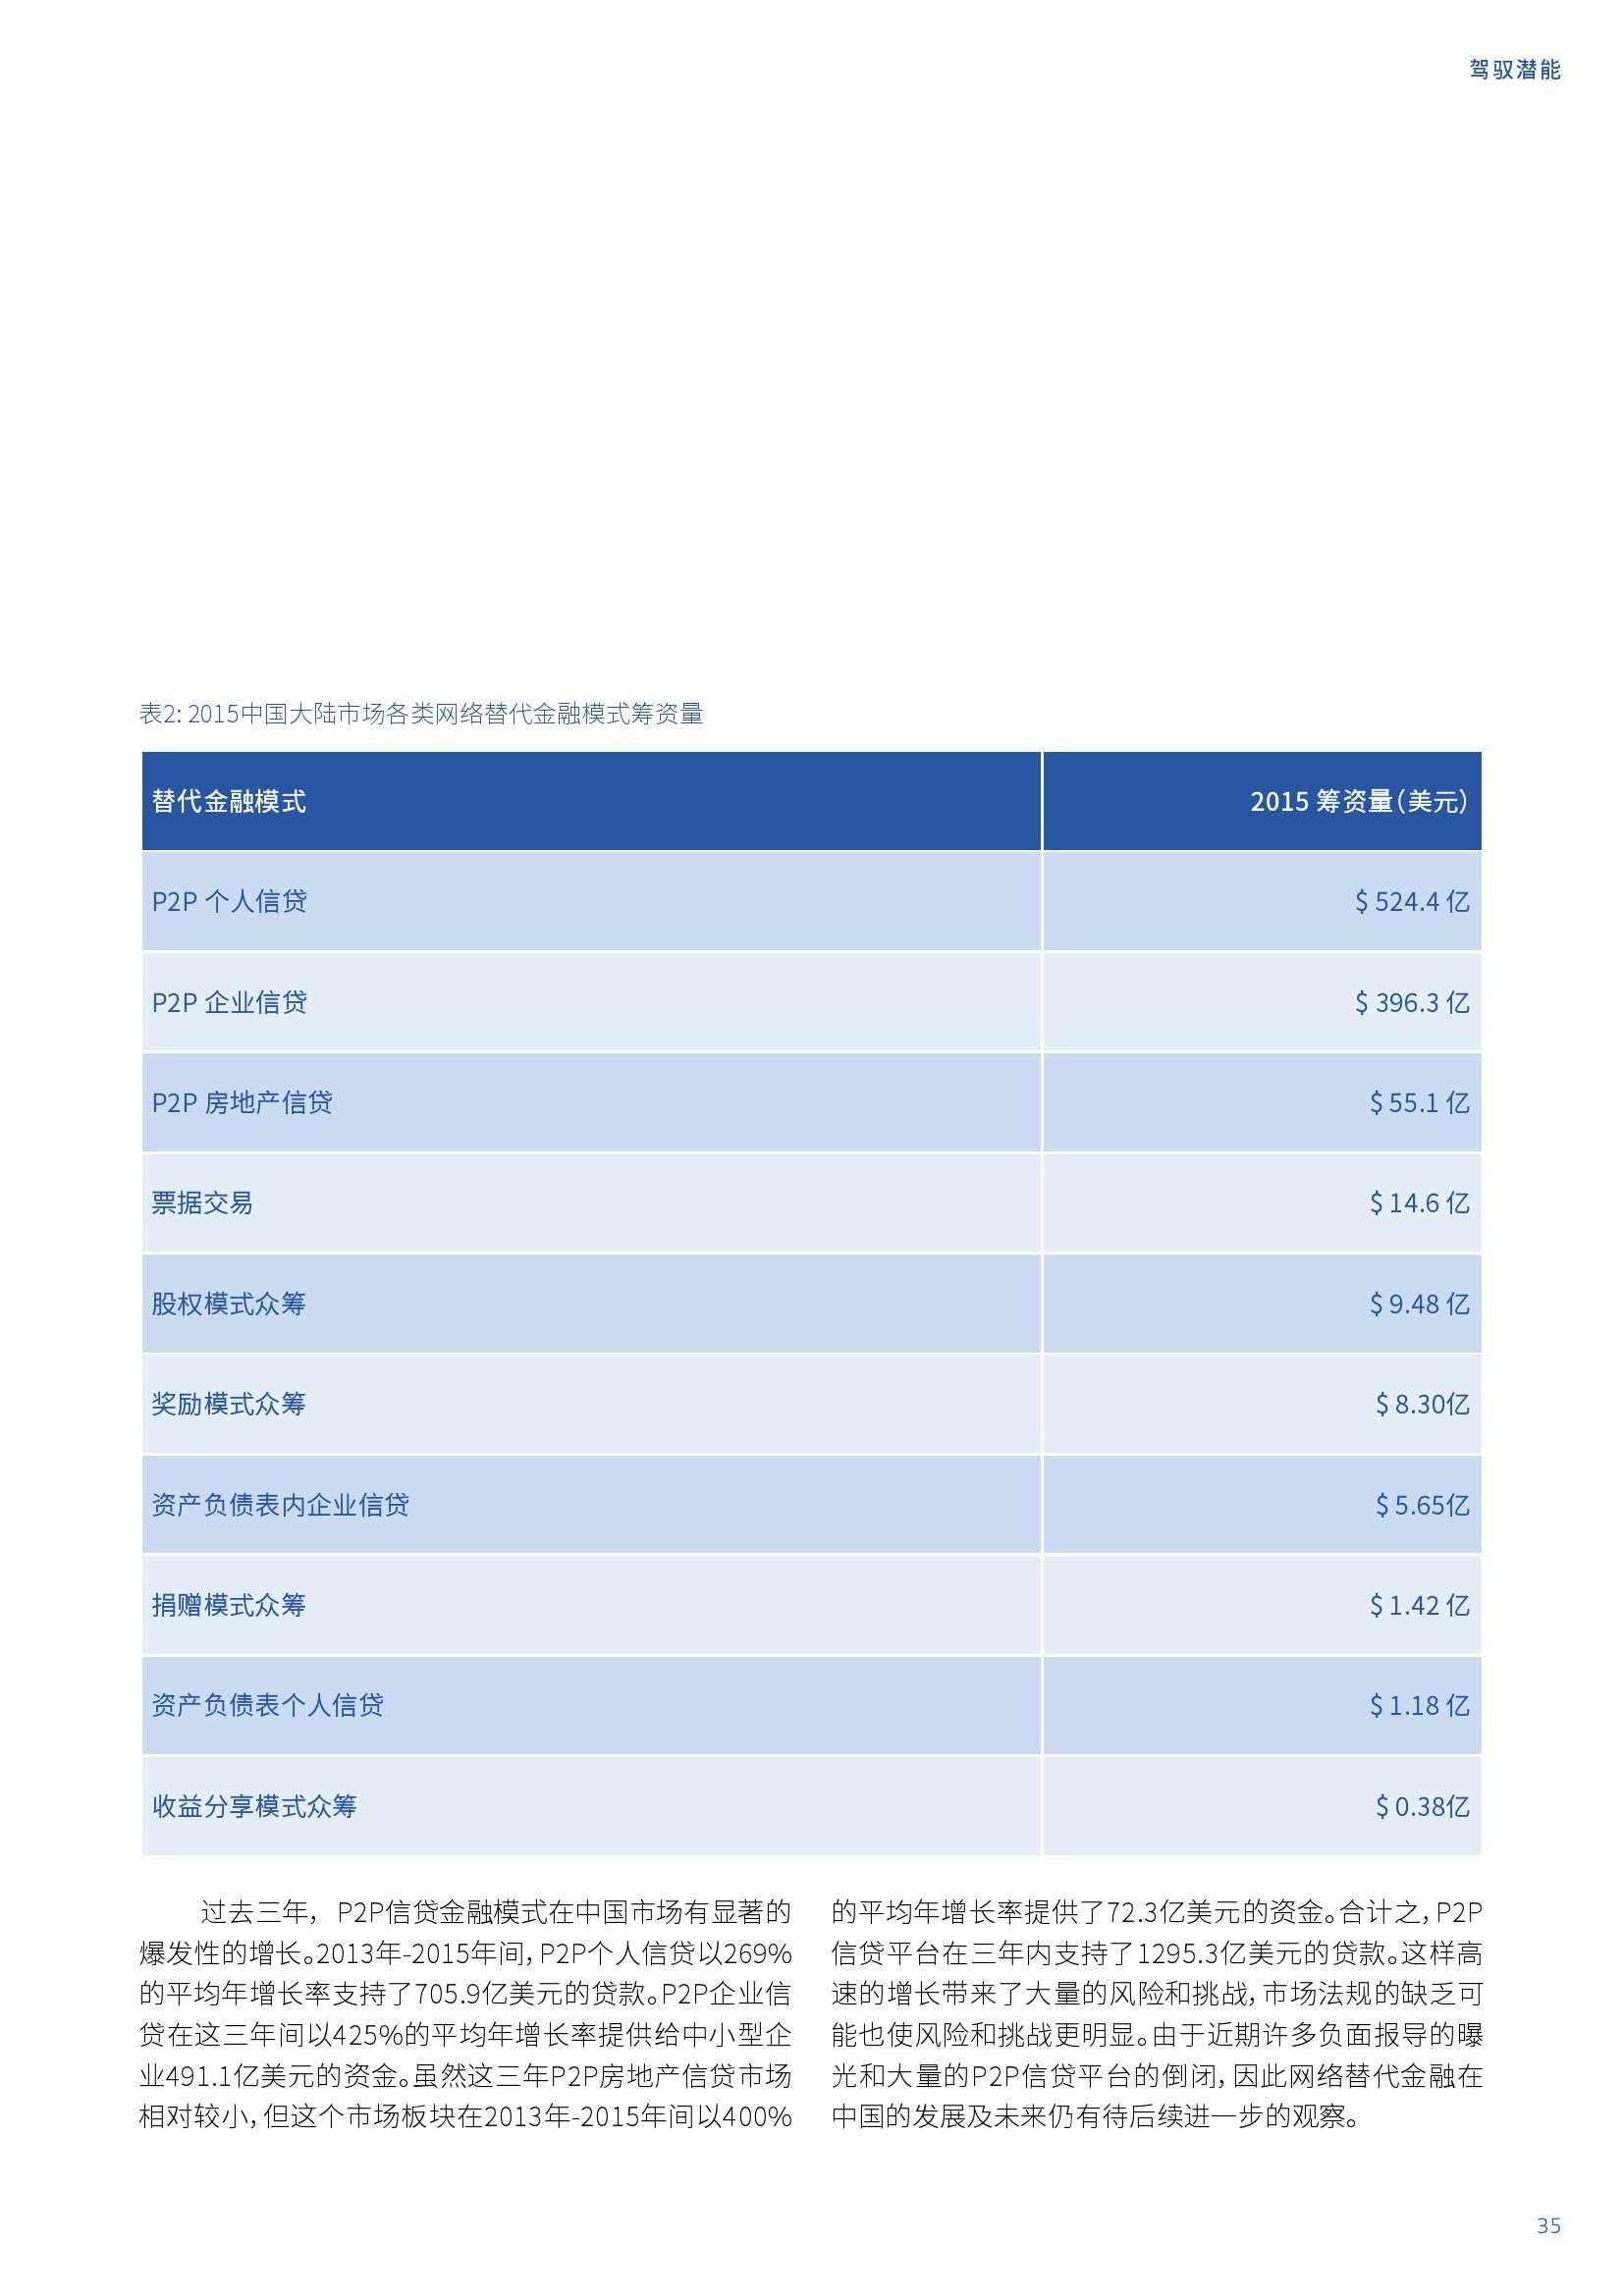 亚太地区网络替代金融基准报告_000035